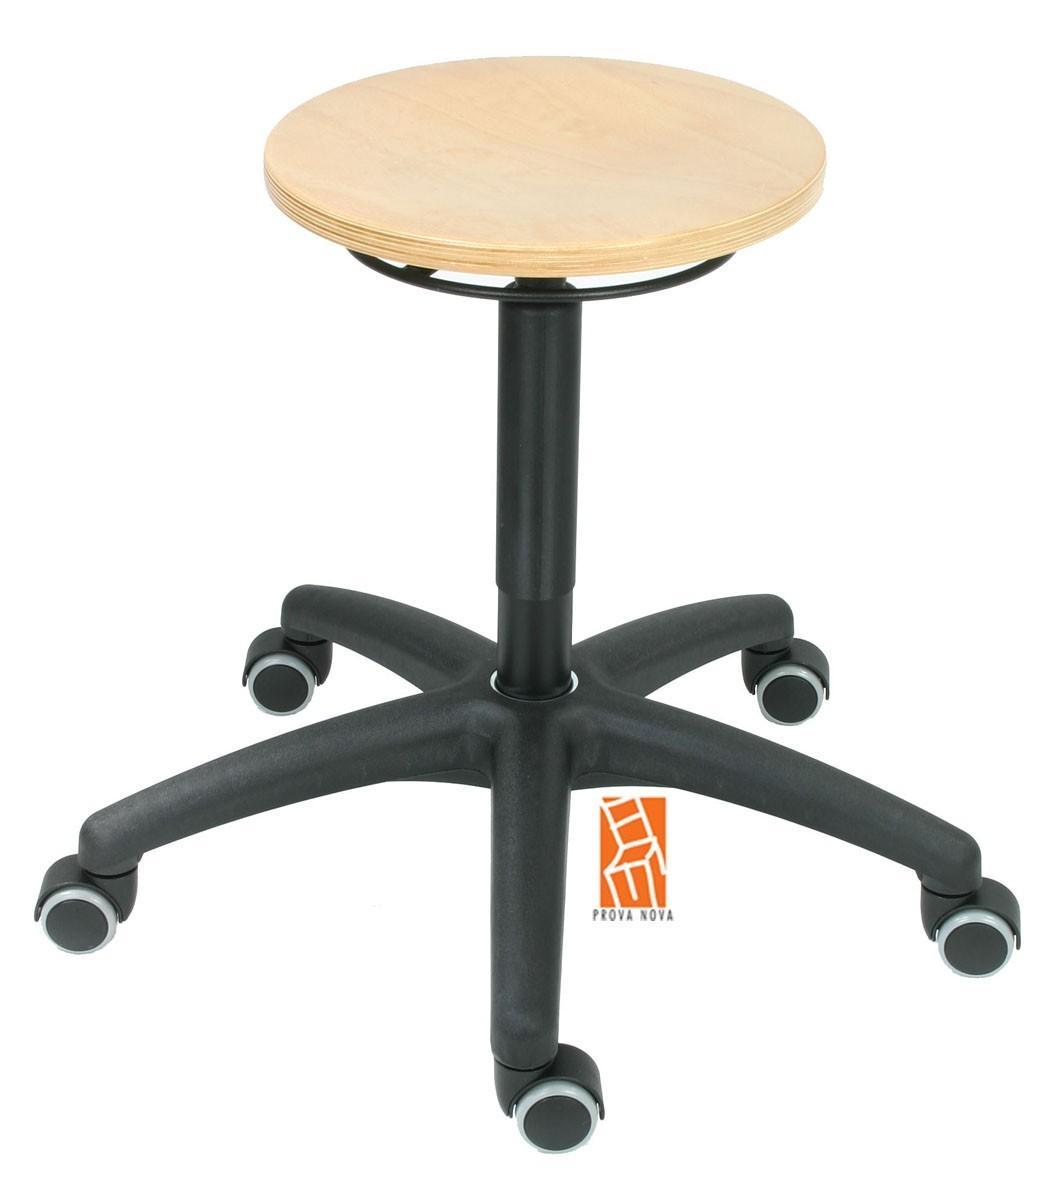 werkstatthocker arbeitshocker buchenholzsitz drehhocker. Black Bedroom Furniture Sets. Home Design Ideas